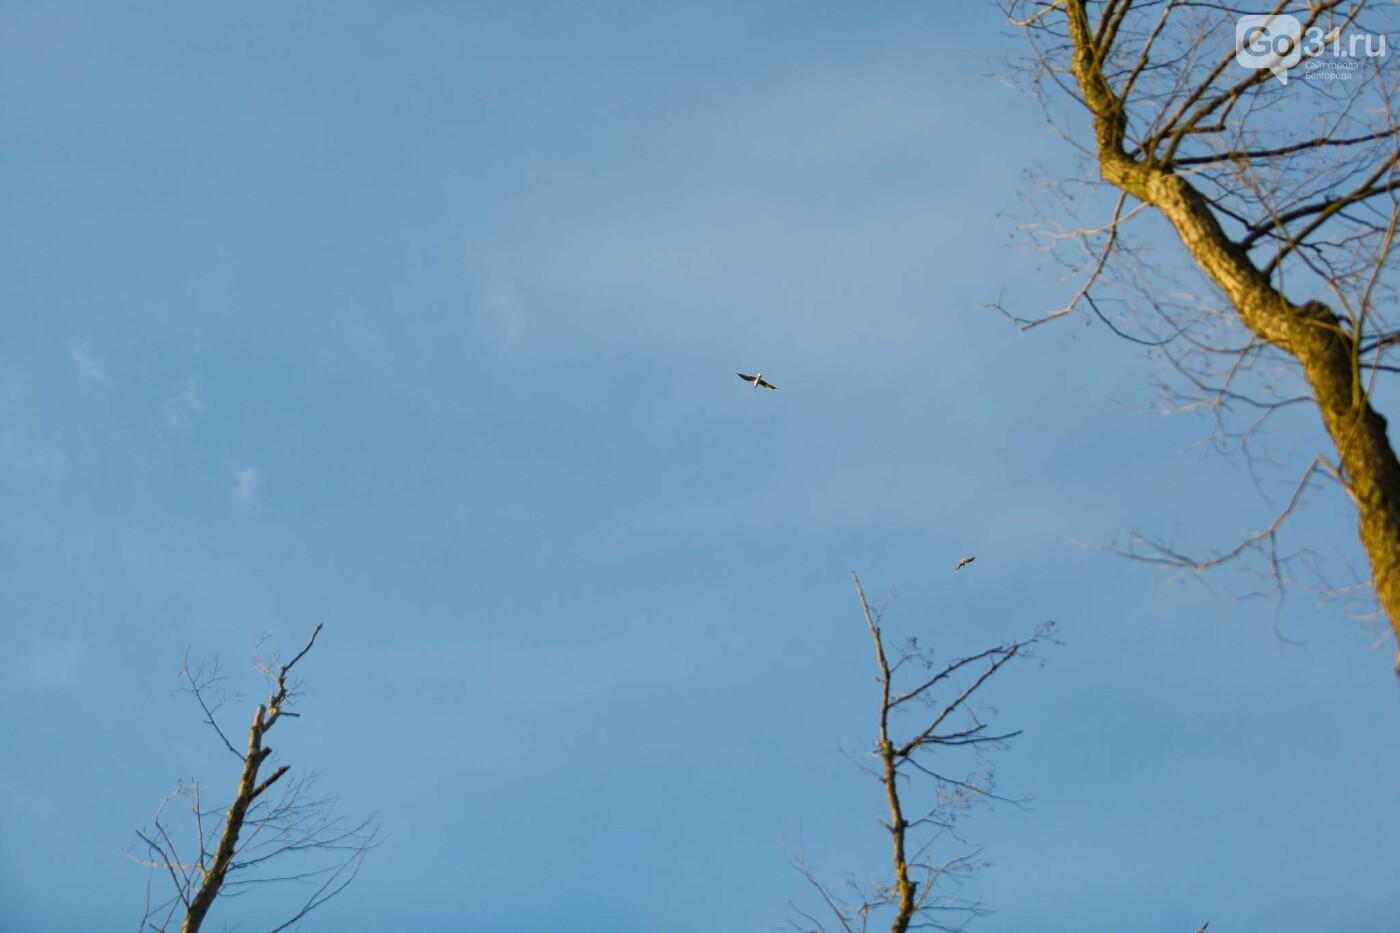 Пролетая над озером. В Белгороде чайки выбрали удобное место обитания, фото-16, Фото: Антон Вергун